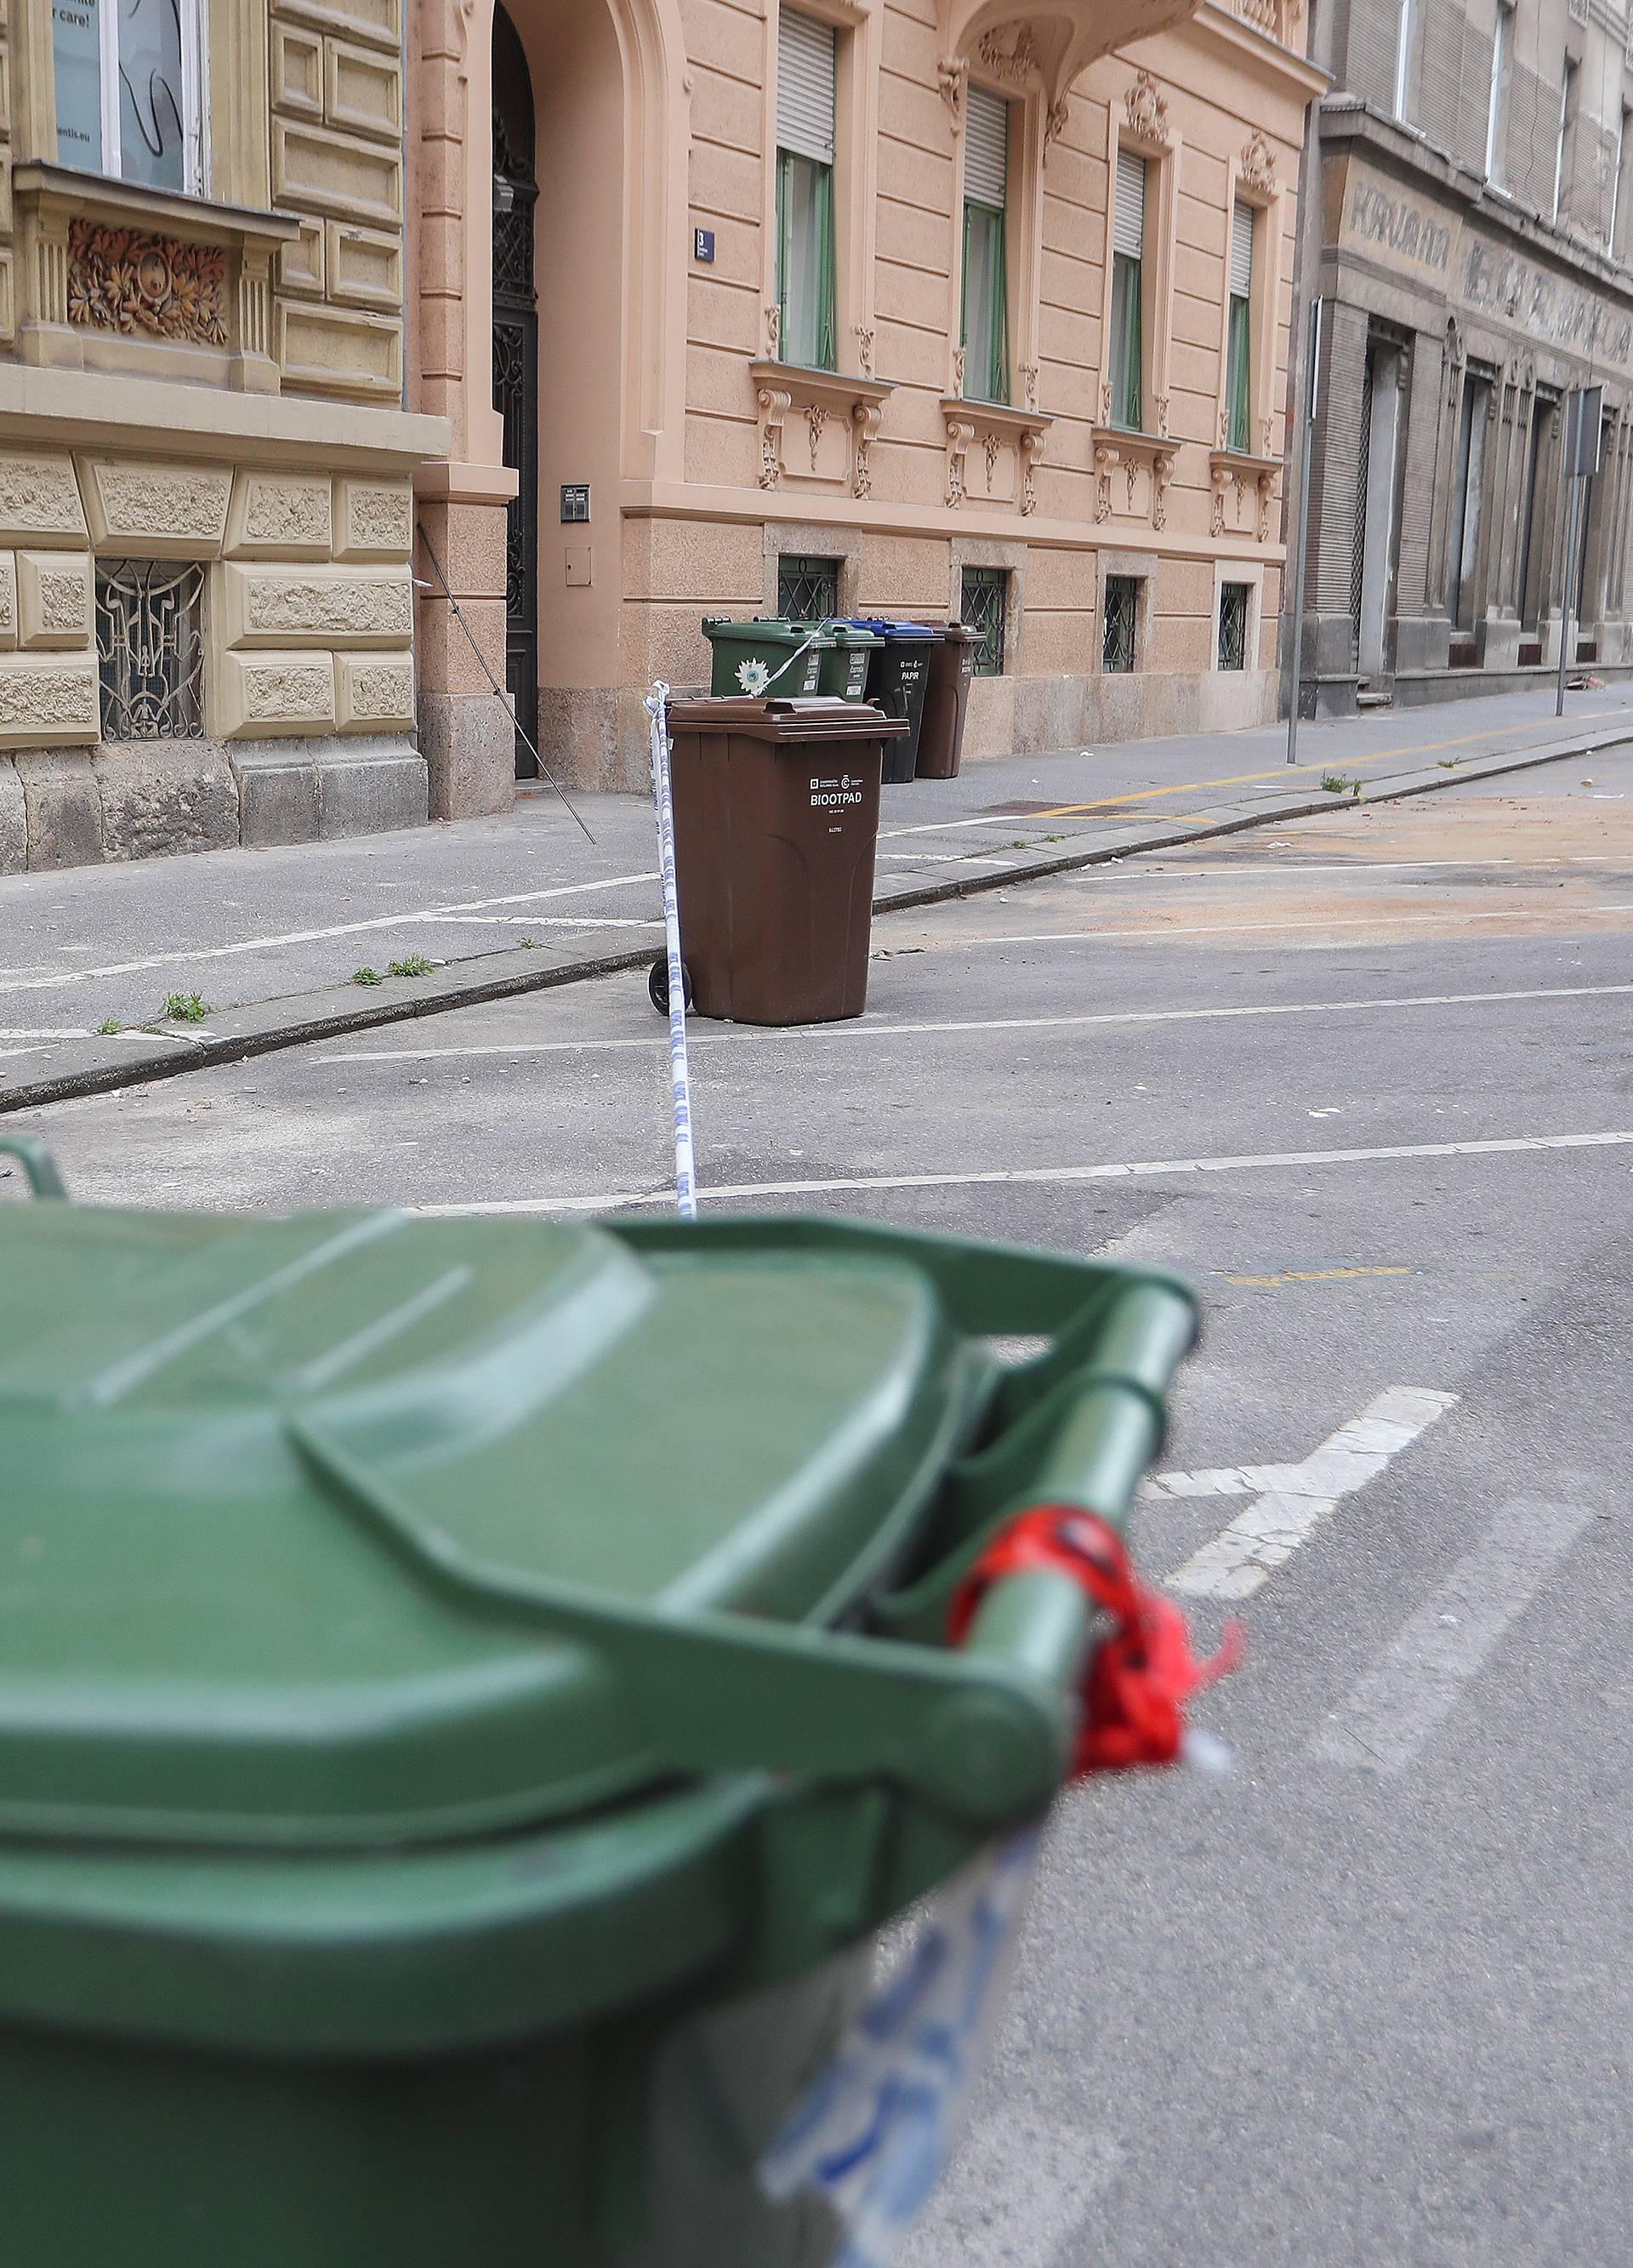 Zagreb: Prazna parkirališta u centru grada